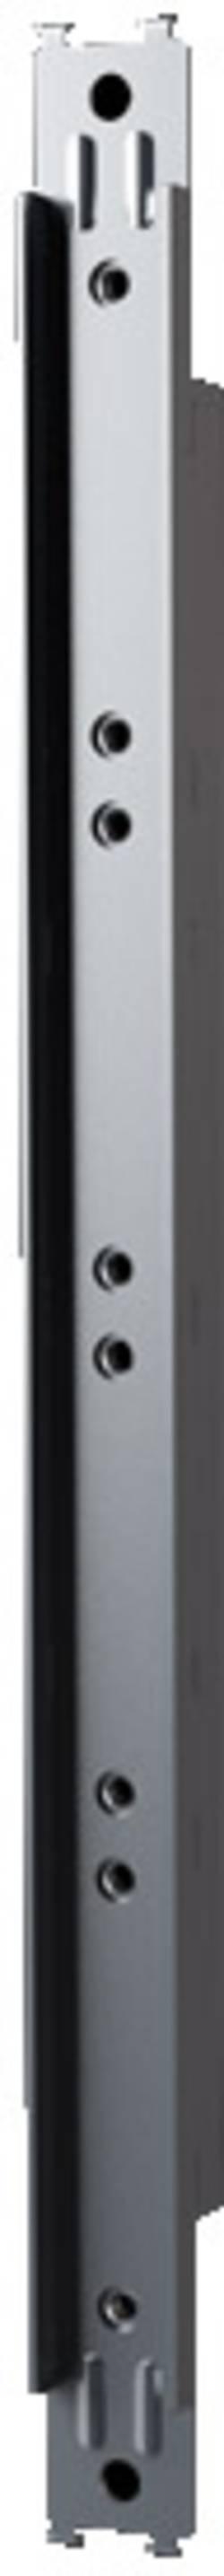 Système de fixation Rittal 9674.152 acier inoxydable 2 pc(s)